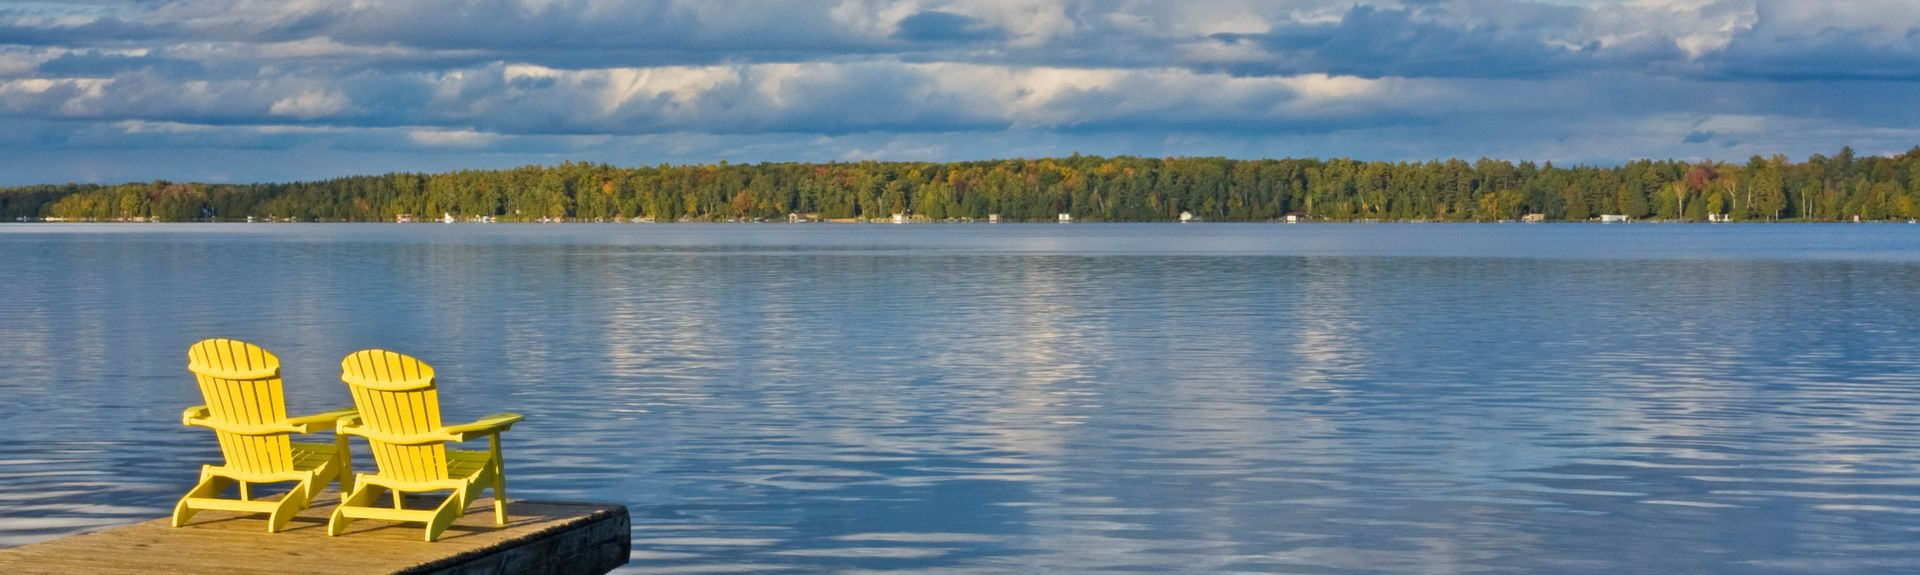 Balsam Lake, ON